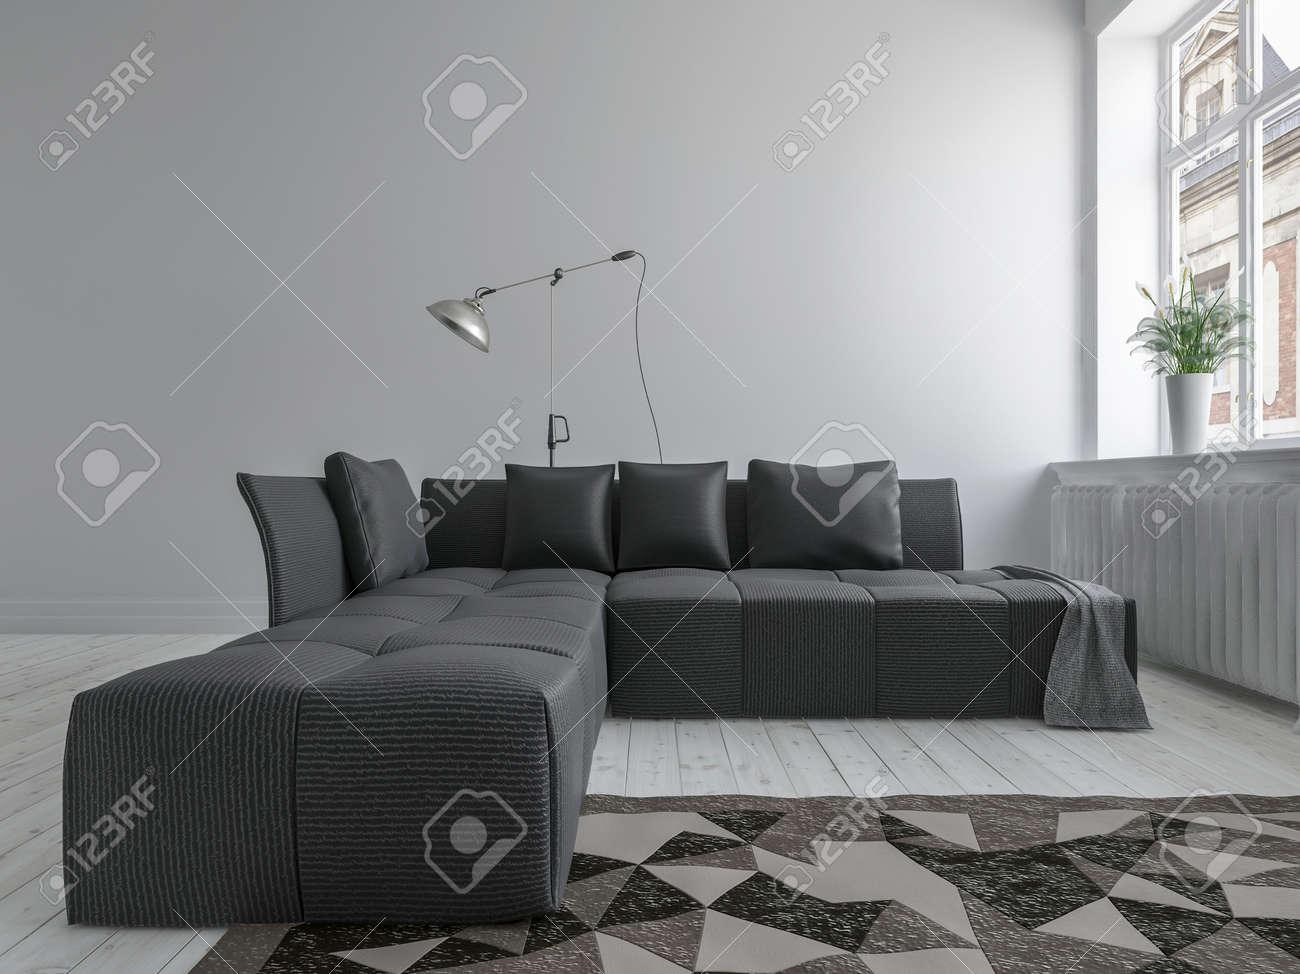 Tapis Et Canapé D Angle canapé d'angle noir et le tapis dans minimaliste salle de design  d'intérieur avec un sol blanc, près d'une fenêtre lumineuse. rendu 3d.